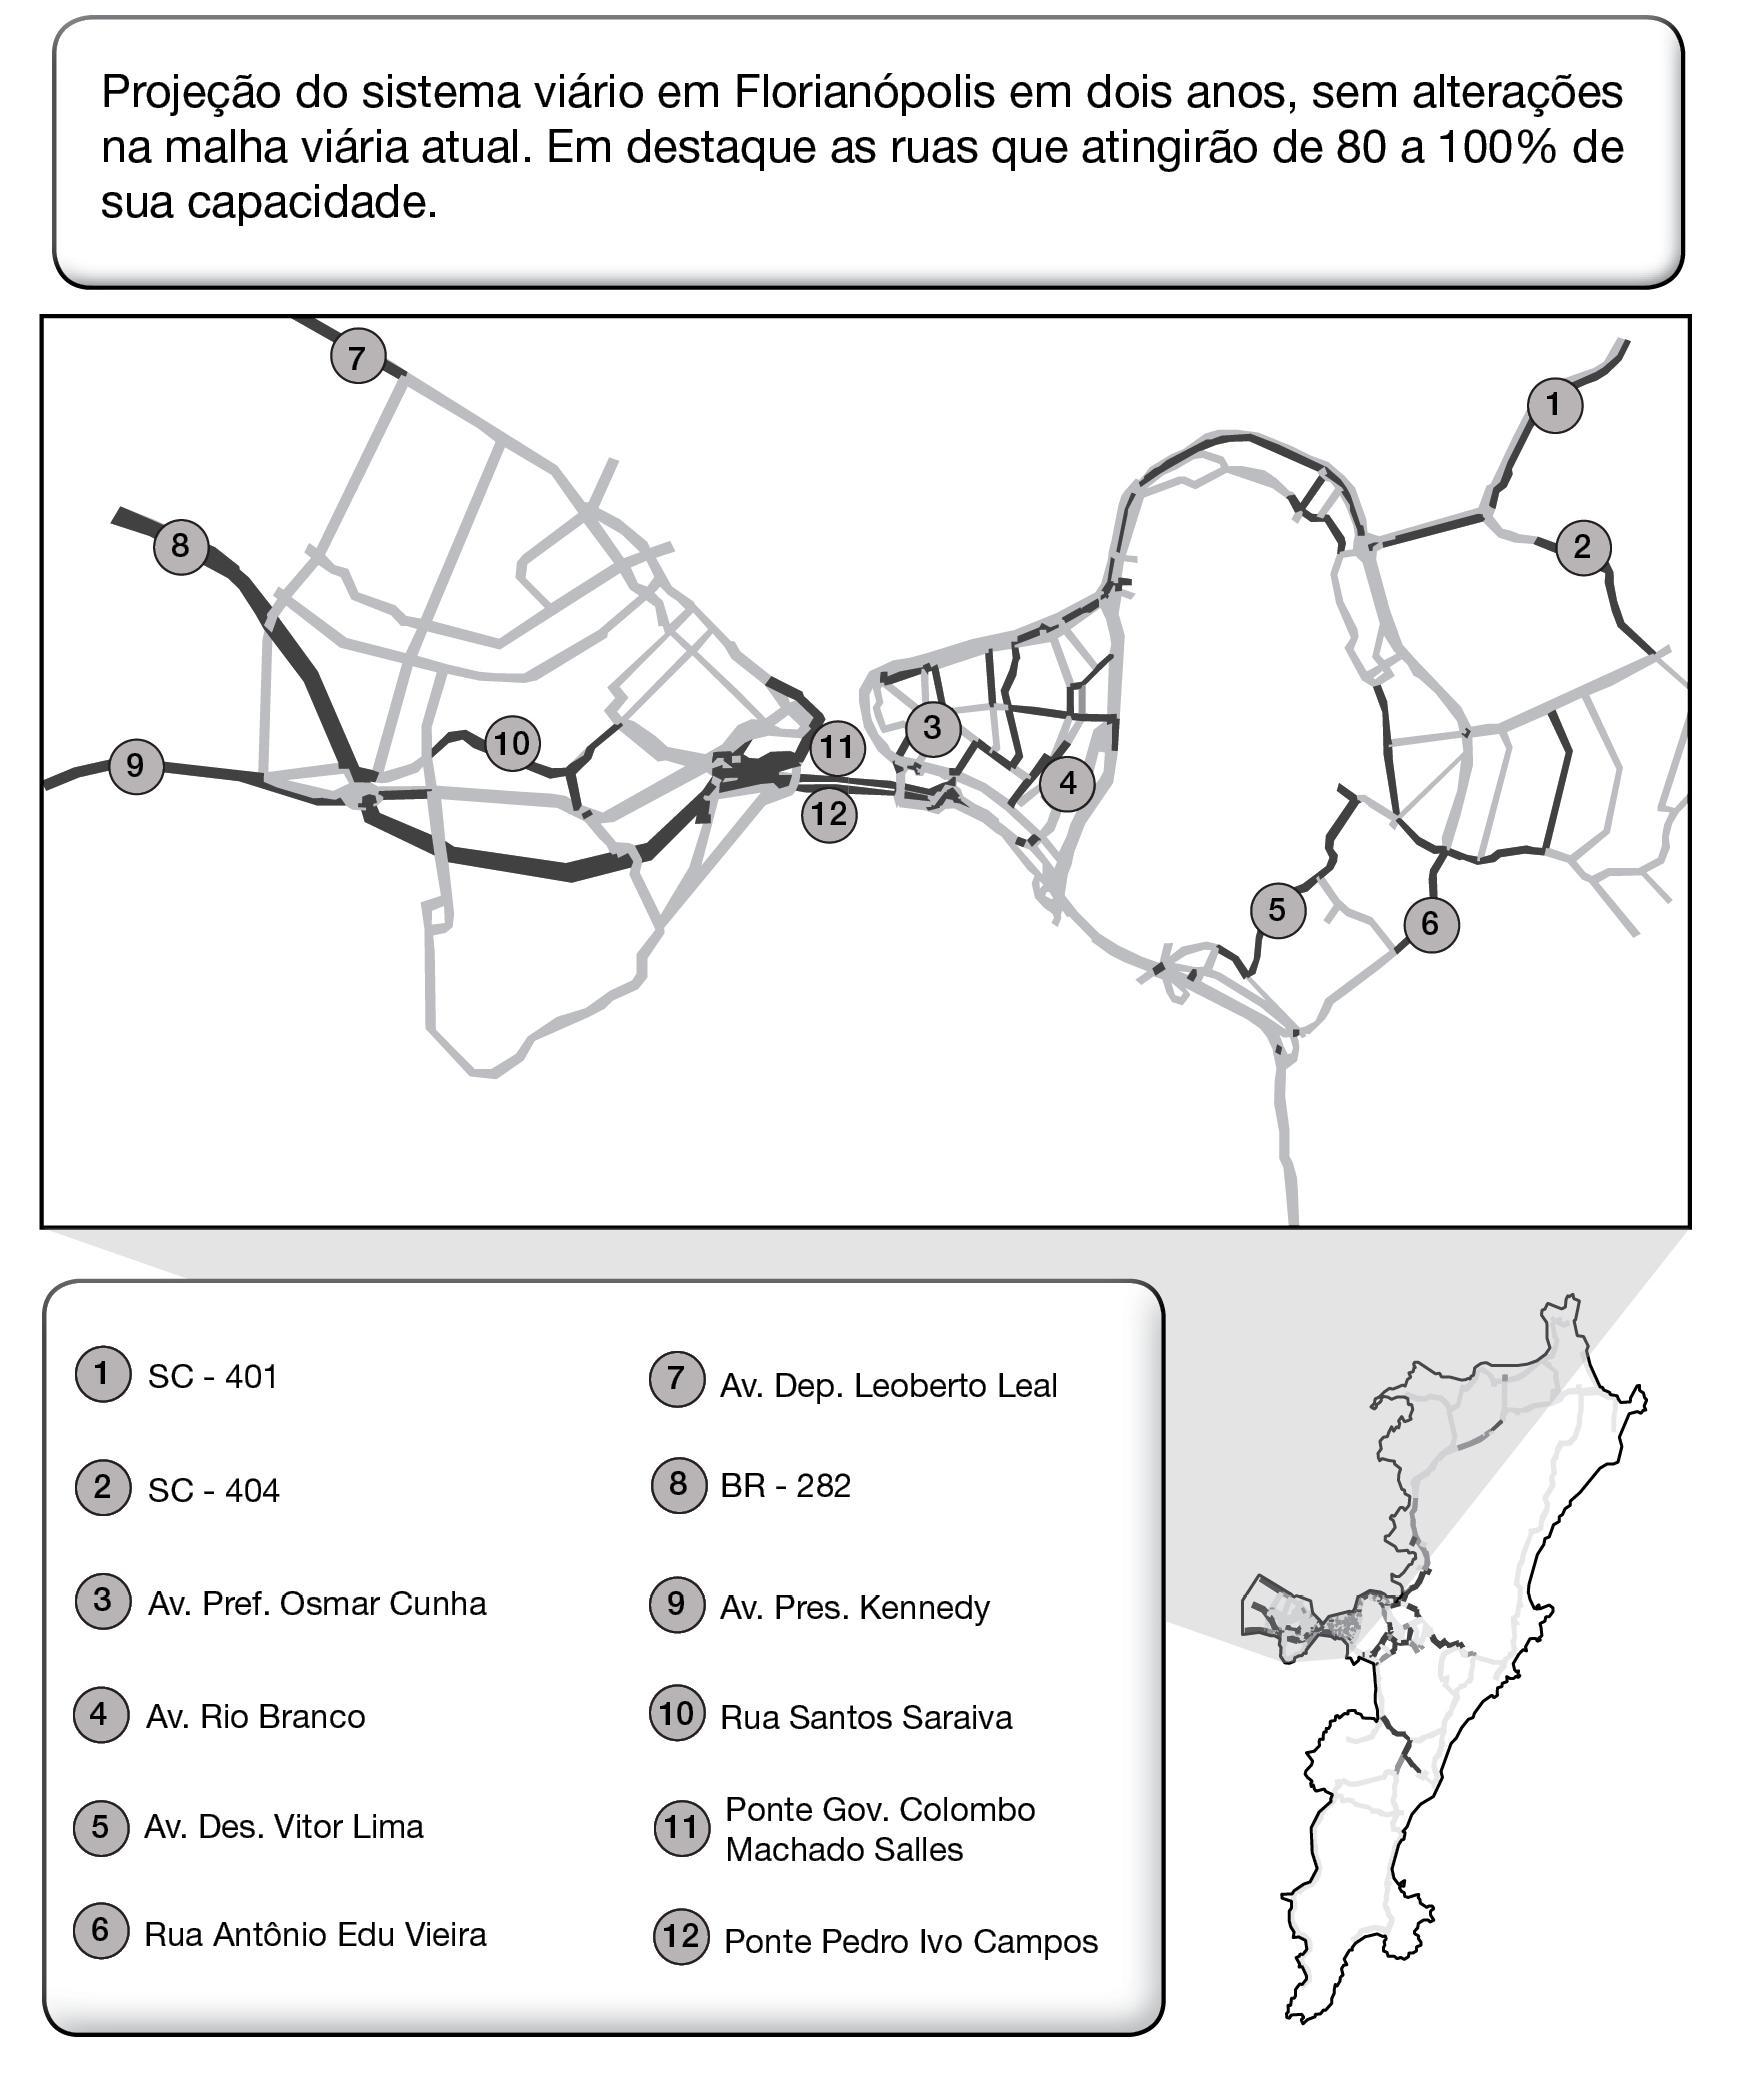 Projeção do sistema viário em Florianópolis em 2 anos, sem alterações na malha viária atual. Em destaque as ruas que atingirão de 80 a 100% de sua capacidade.